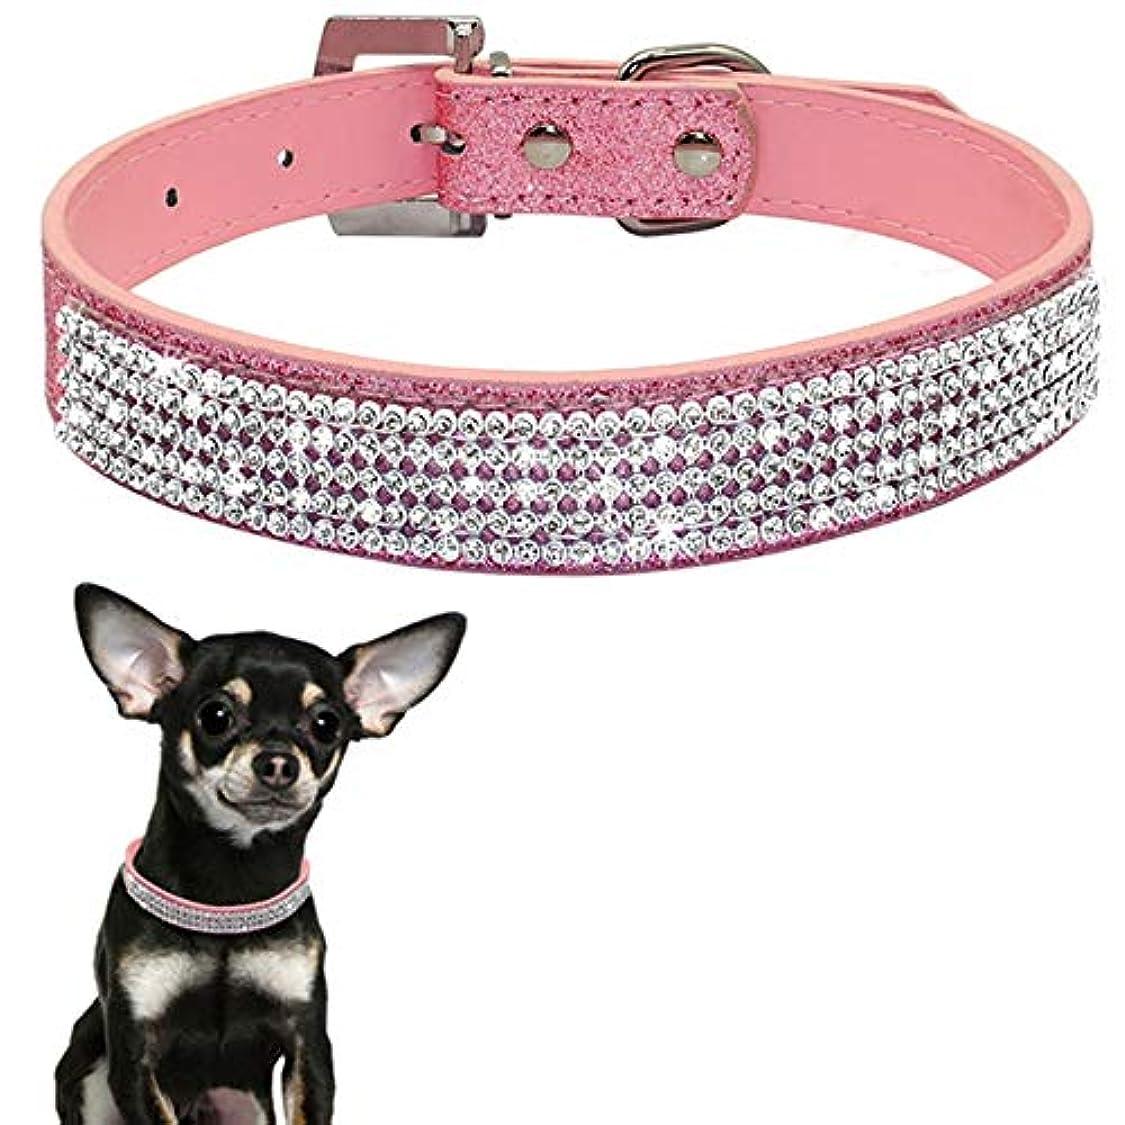 マーティンルーサーキングジュニアしわ嘆願XUTXCKA 犬のためのM/L犬の首輪ペットPUレザー子犬ペット首輪とリーシュ